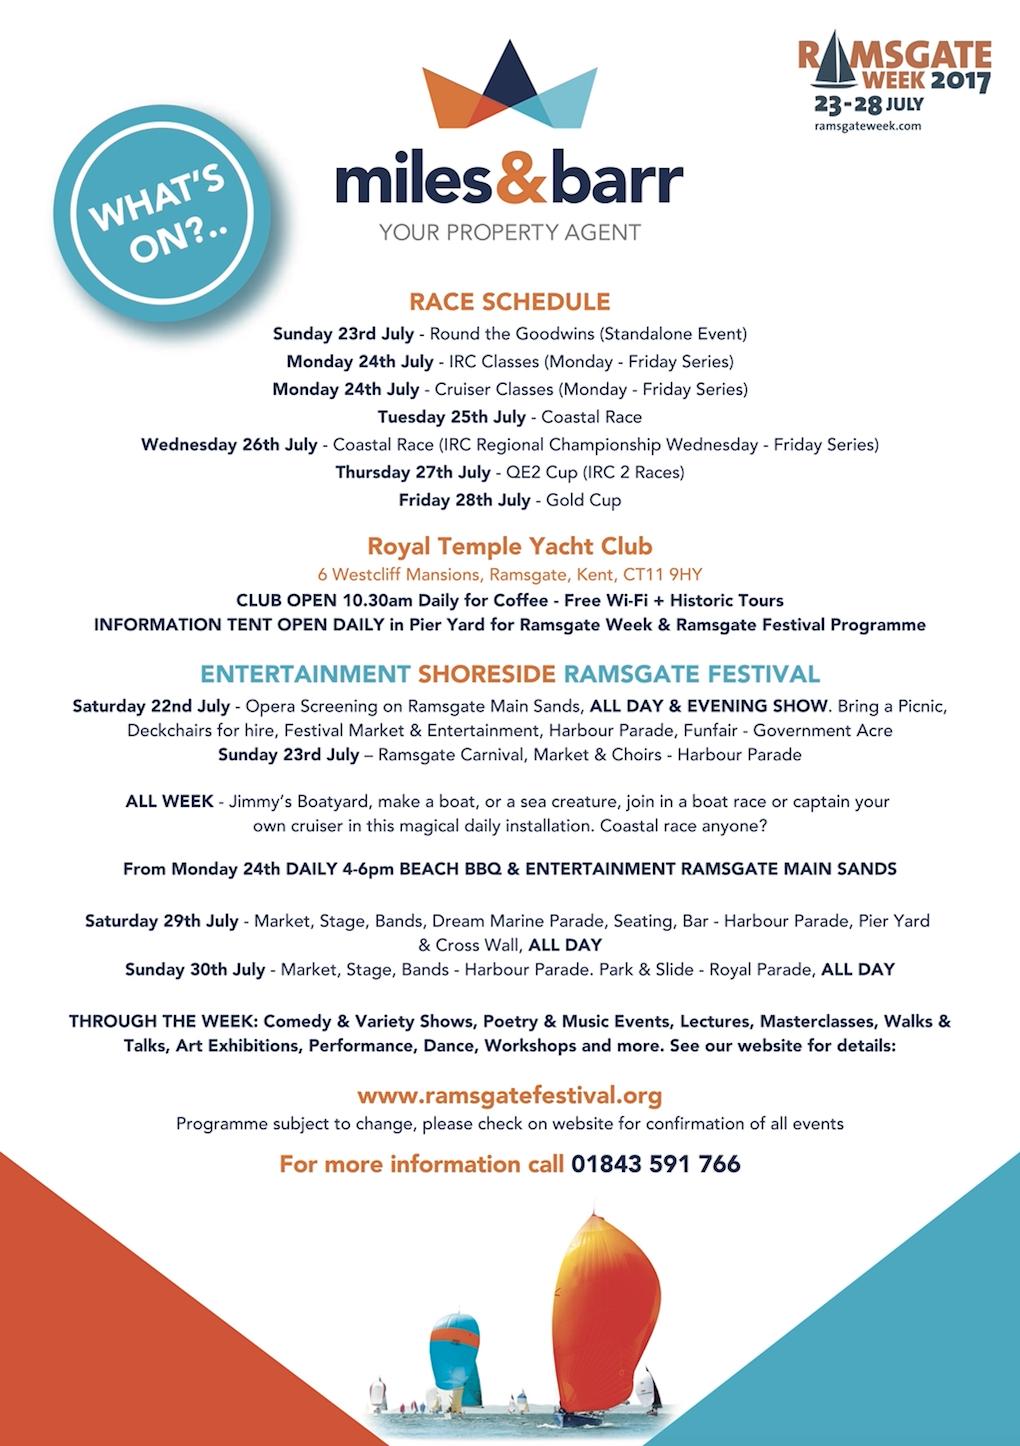 Ramsgate Week lineup